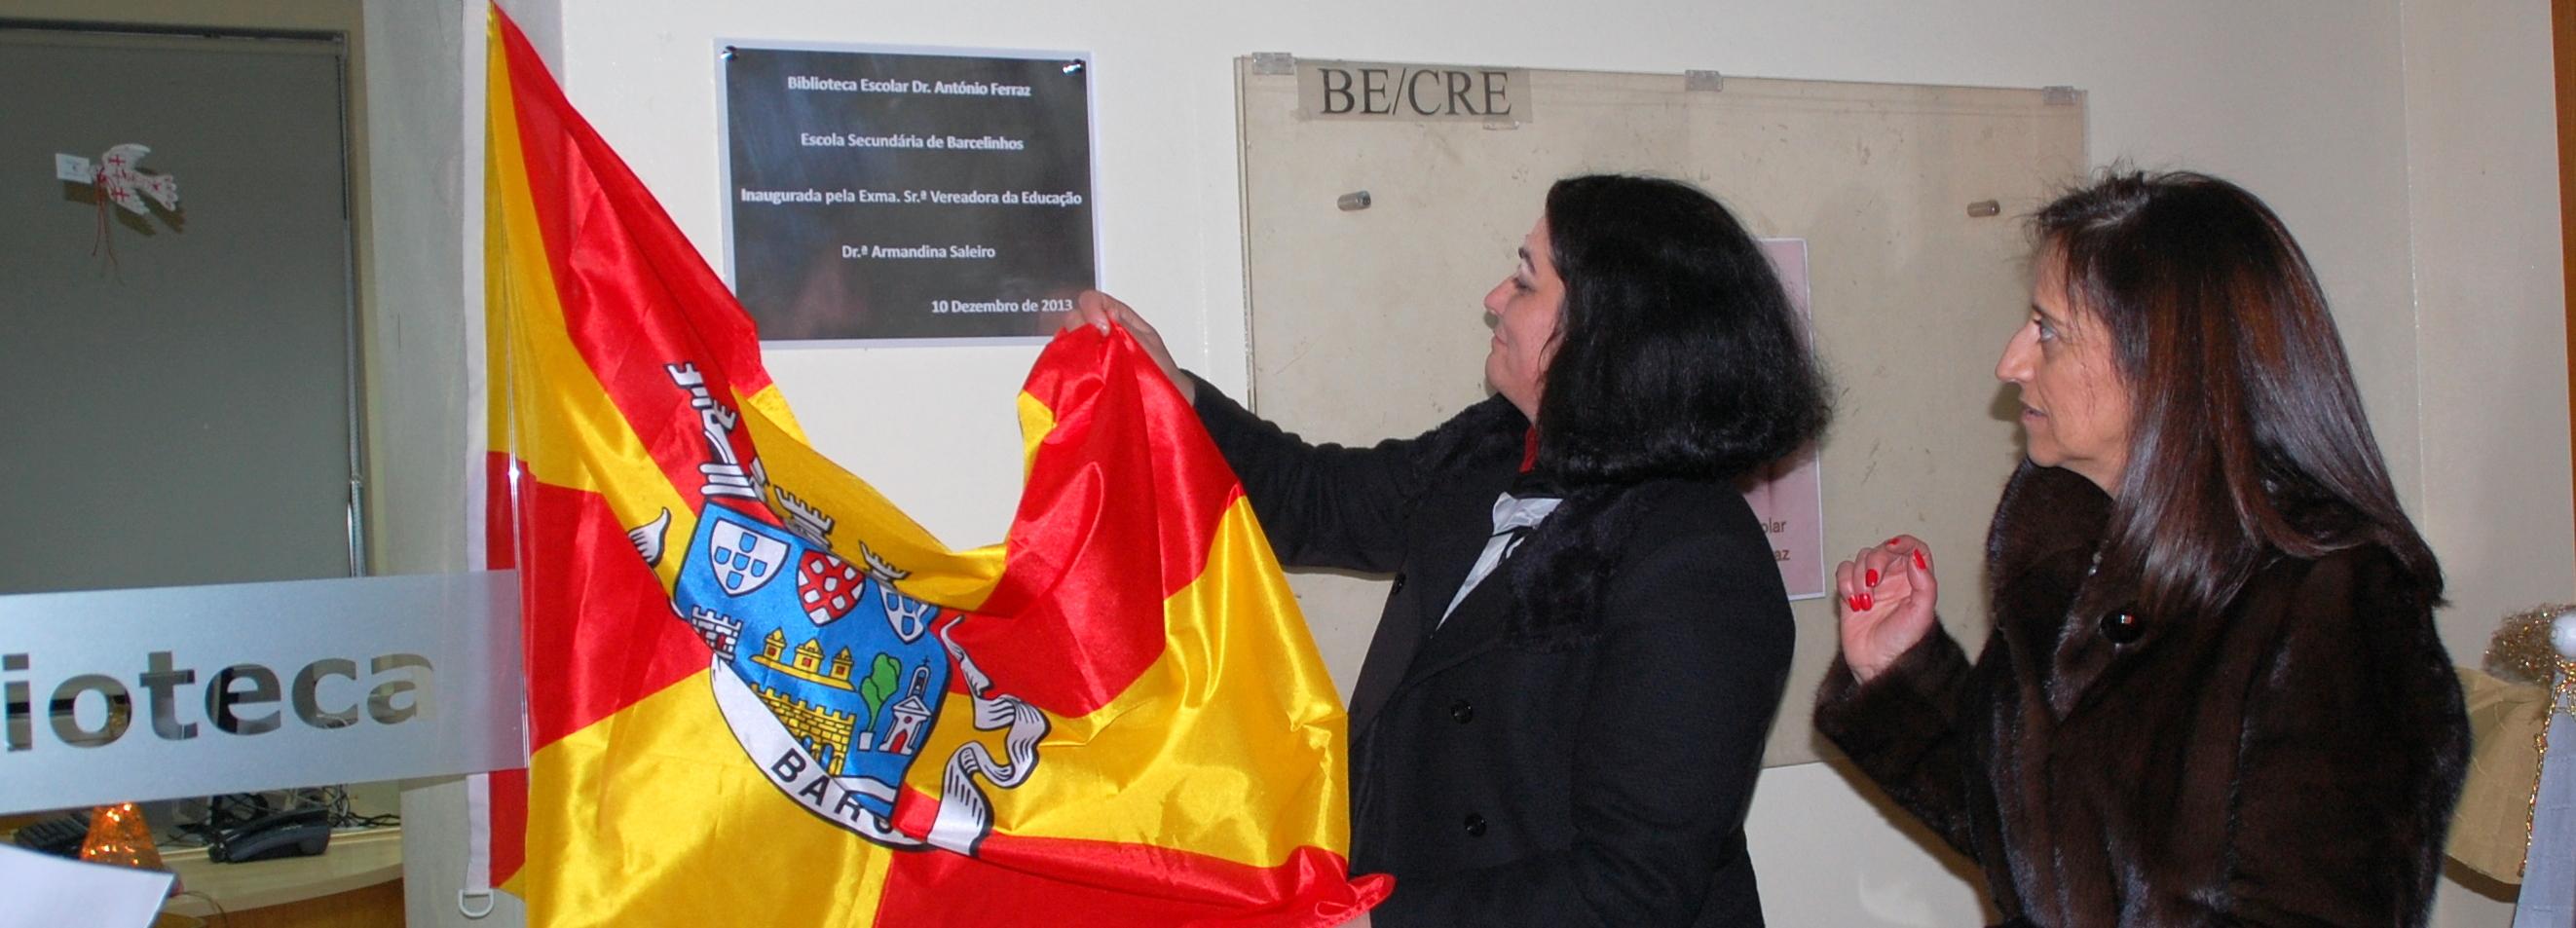 António Ferraz é o patrono da Biblioteca da Secundária de Barcelinhos